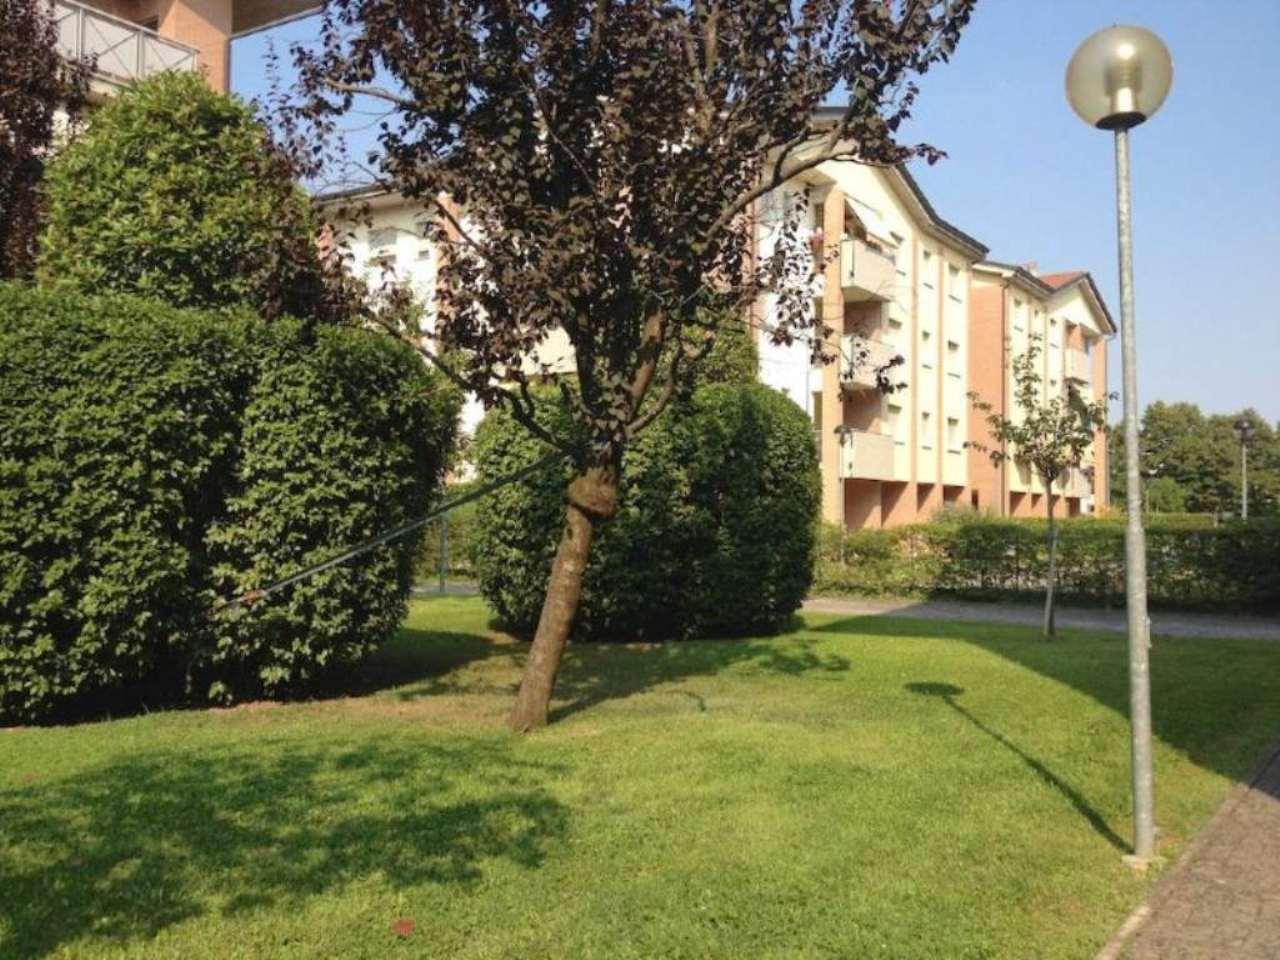 Appartamento in vendita a Sant'Ilario d'Enza, 2 locali, prezzo € 115.000 | Cambio Casa.it